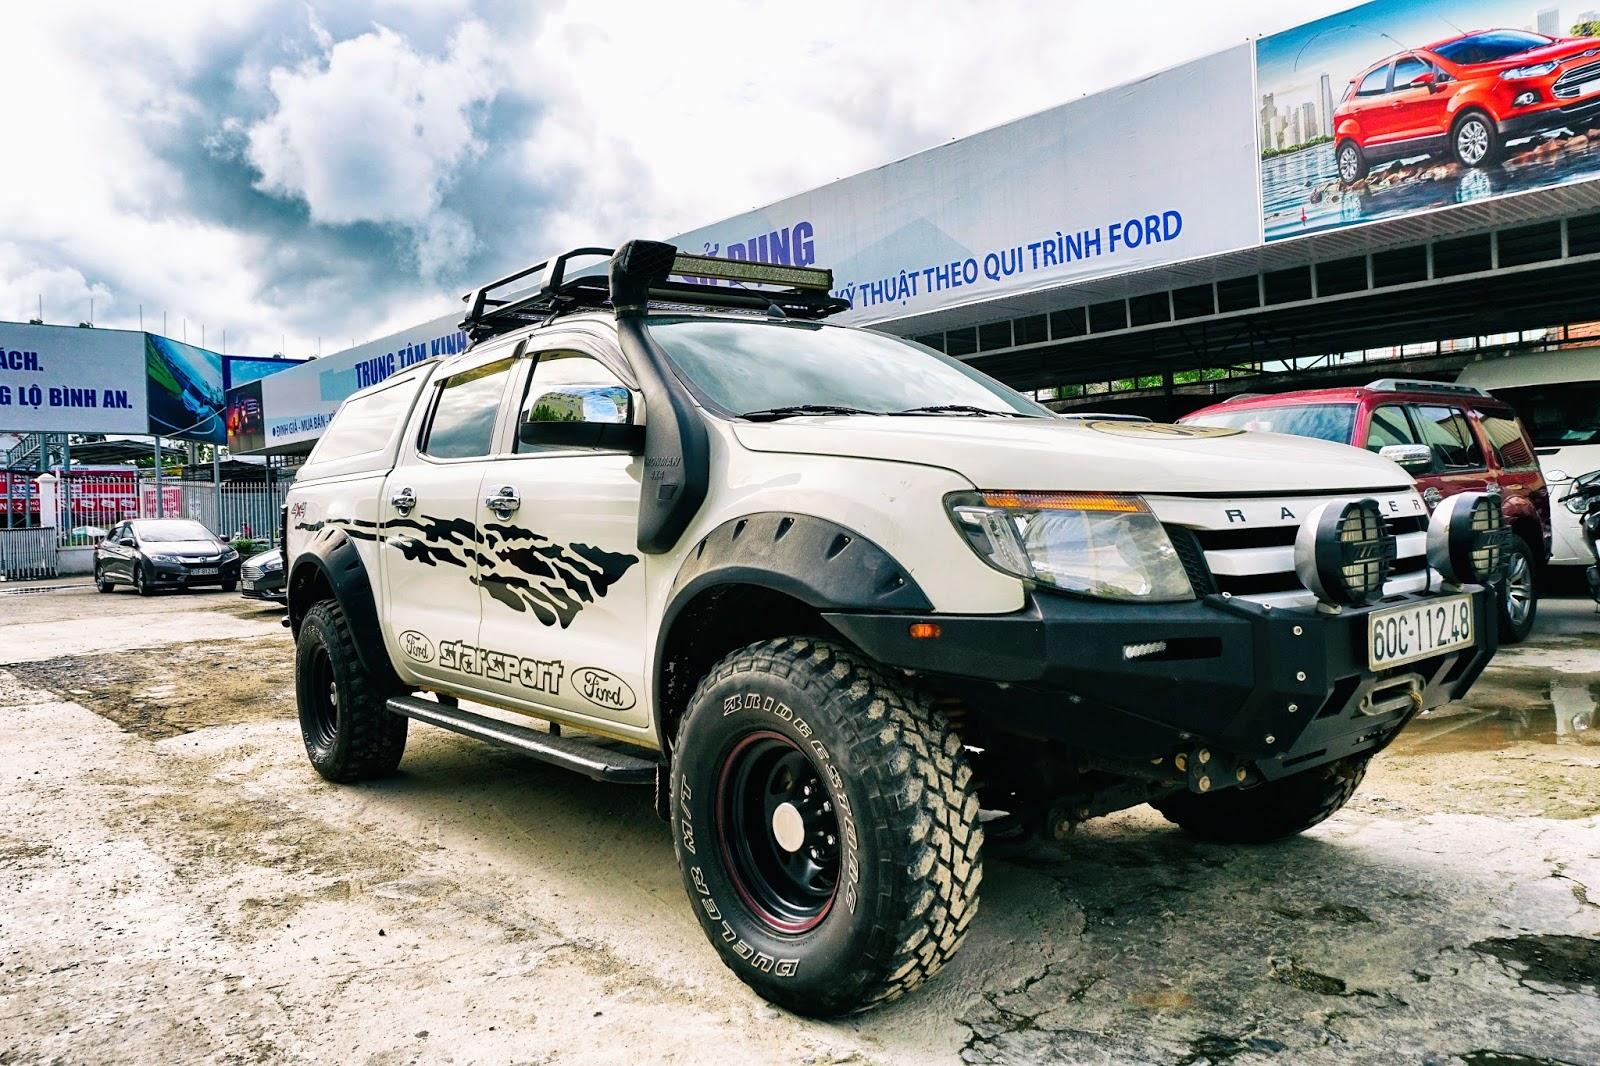 Ford Ranger luôn là đối tượng phù hợp cho các tính đồ mê độ lẫn offroad